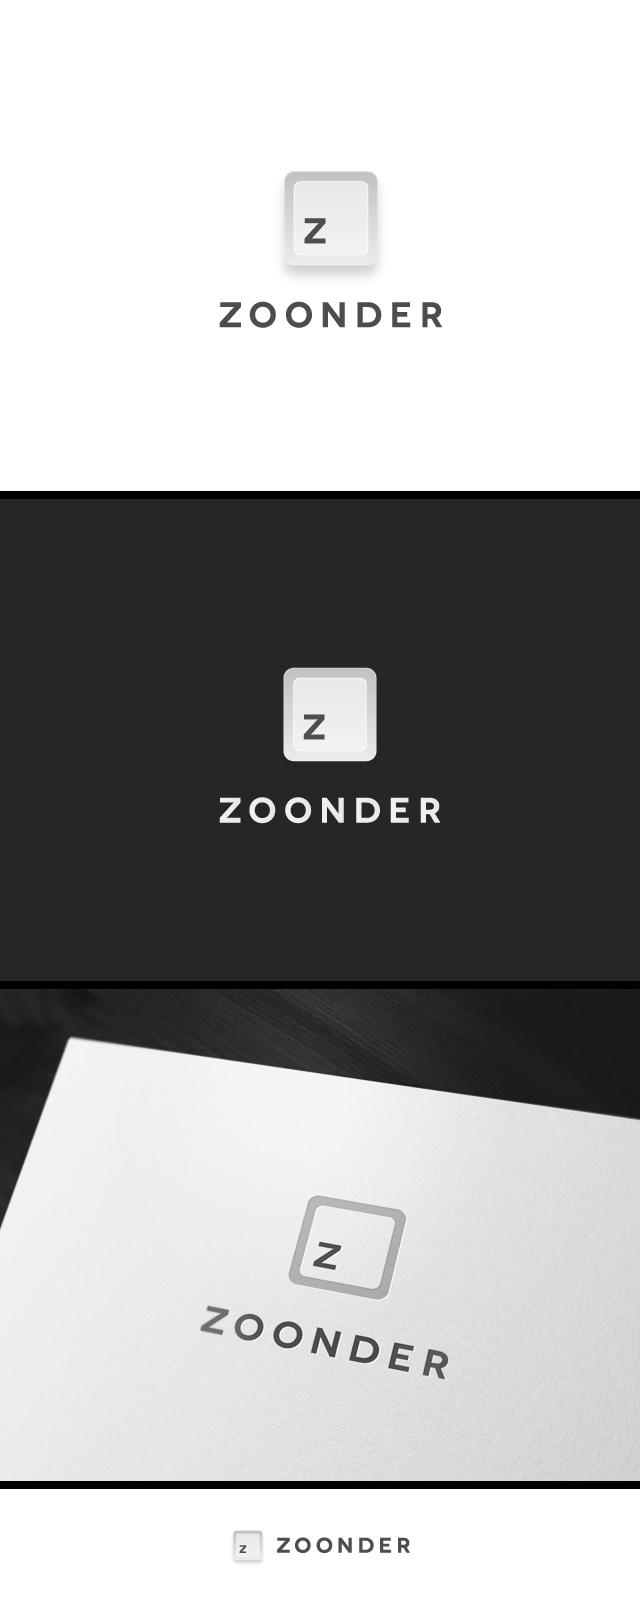 eximdesign_zoonder_2.png